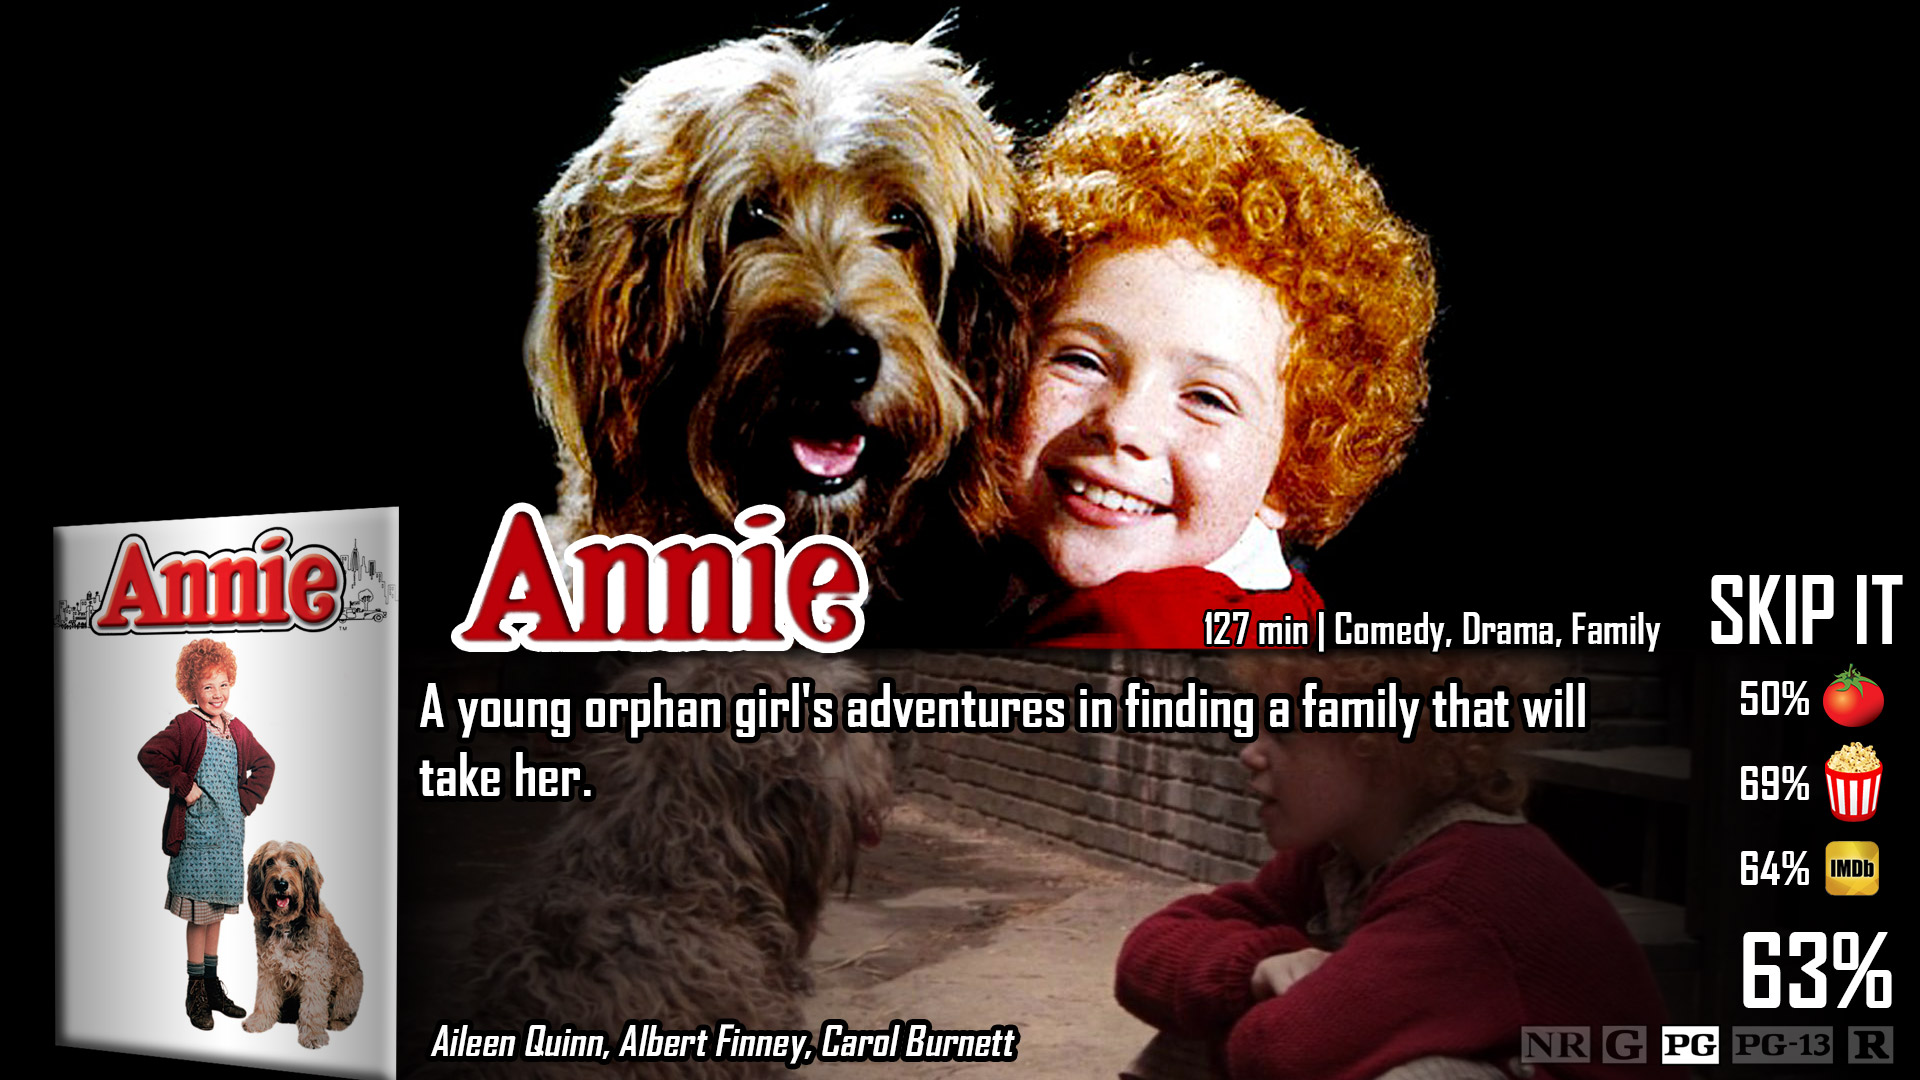 Annie movie poster